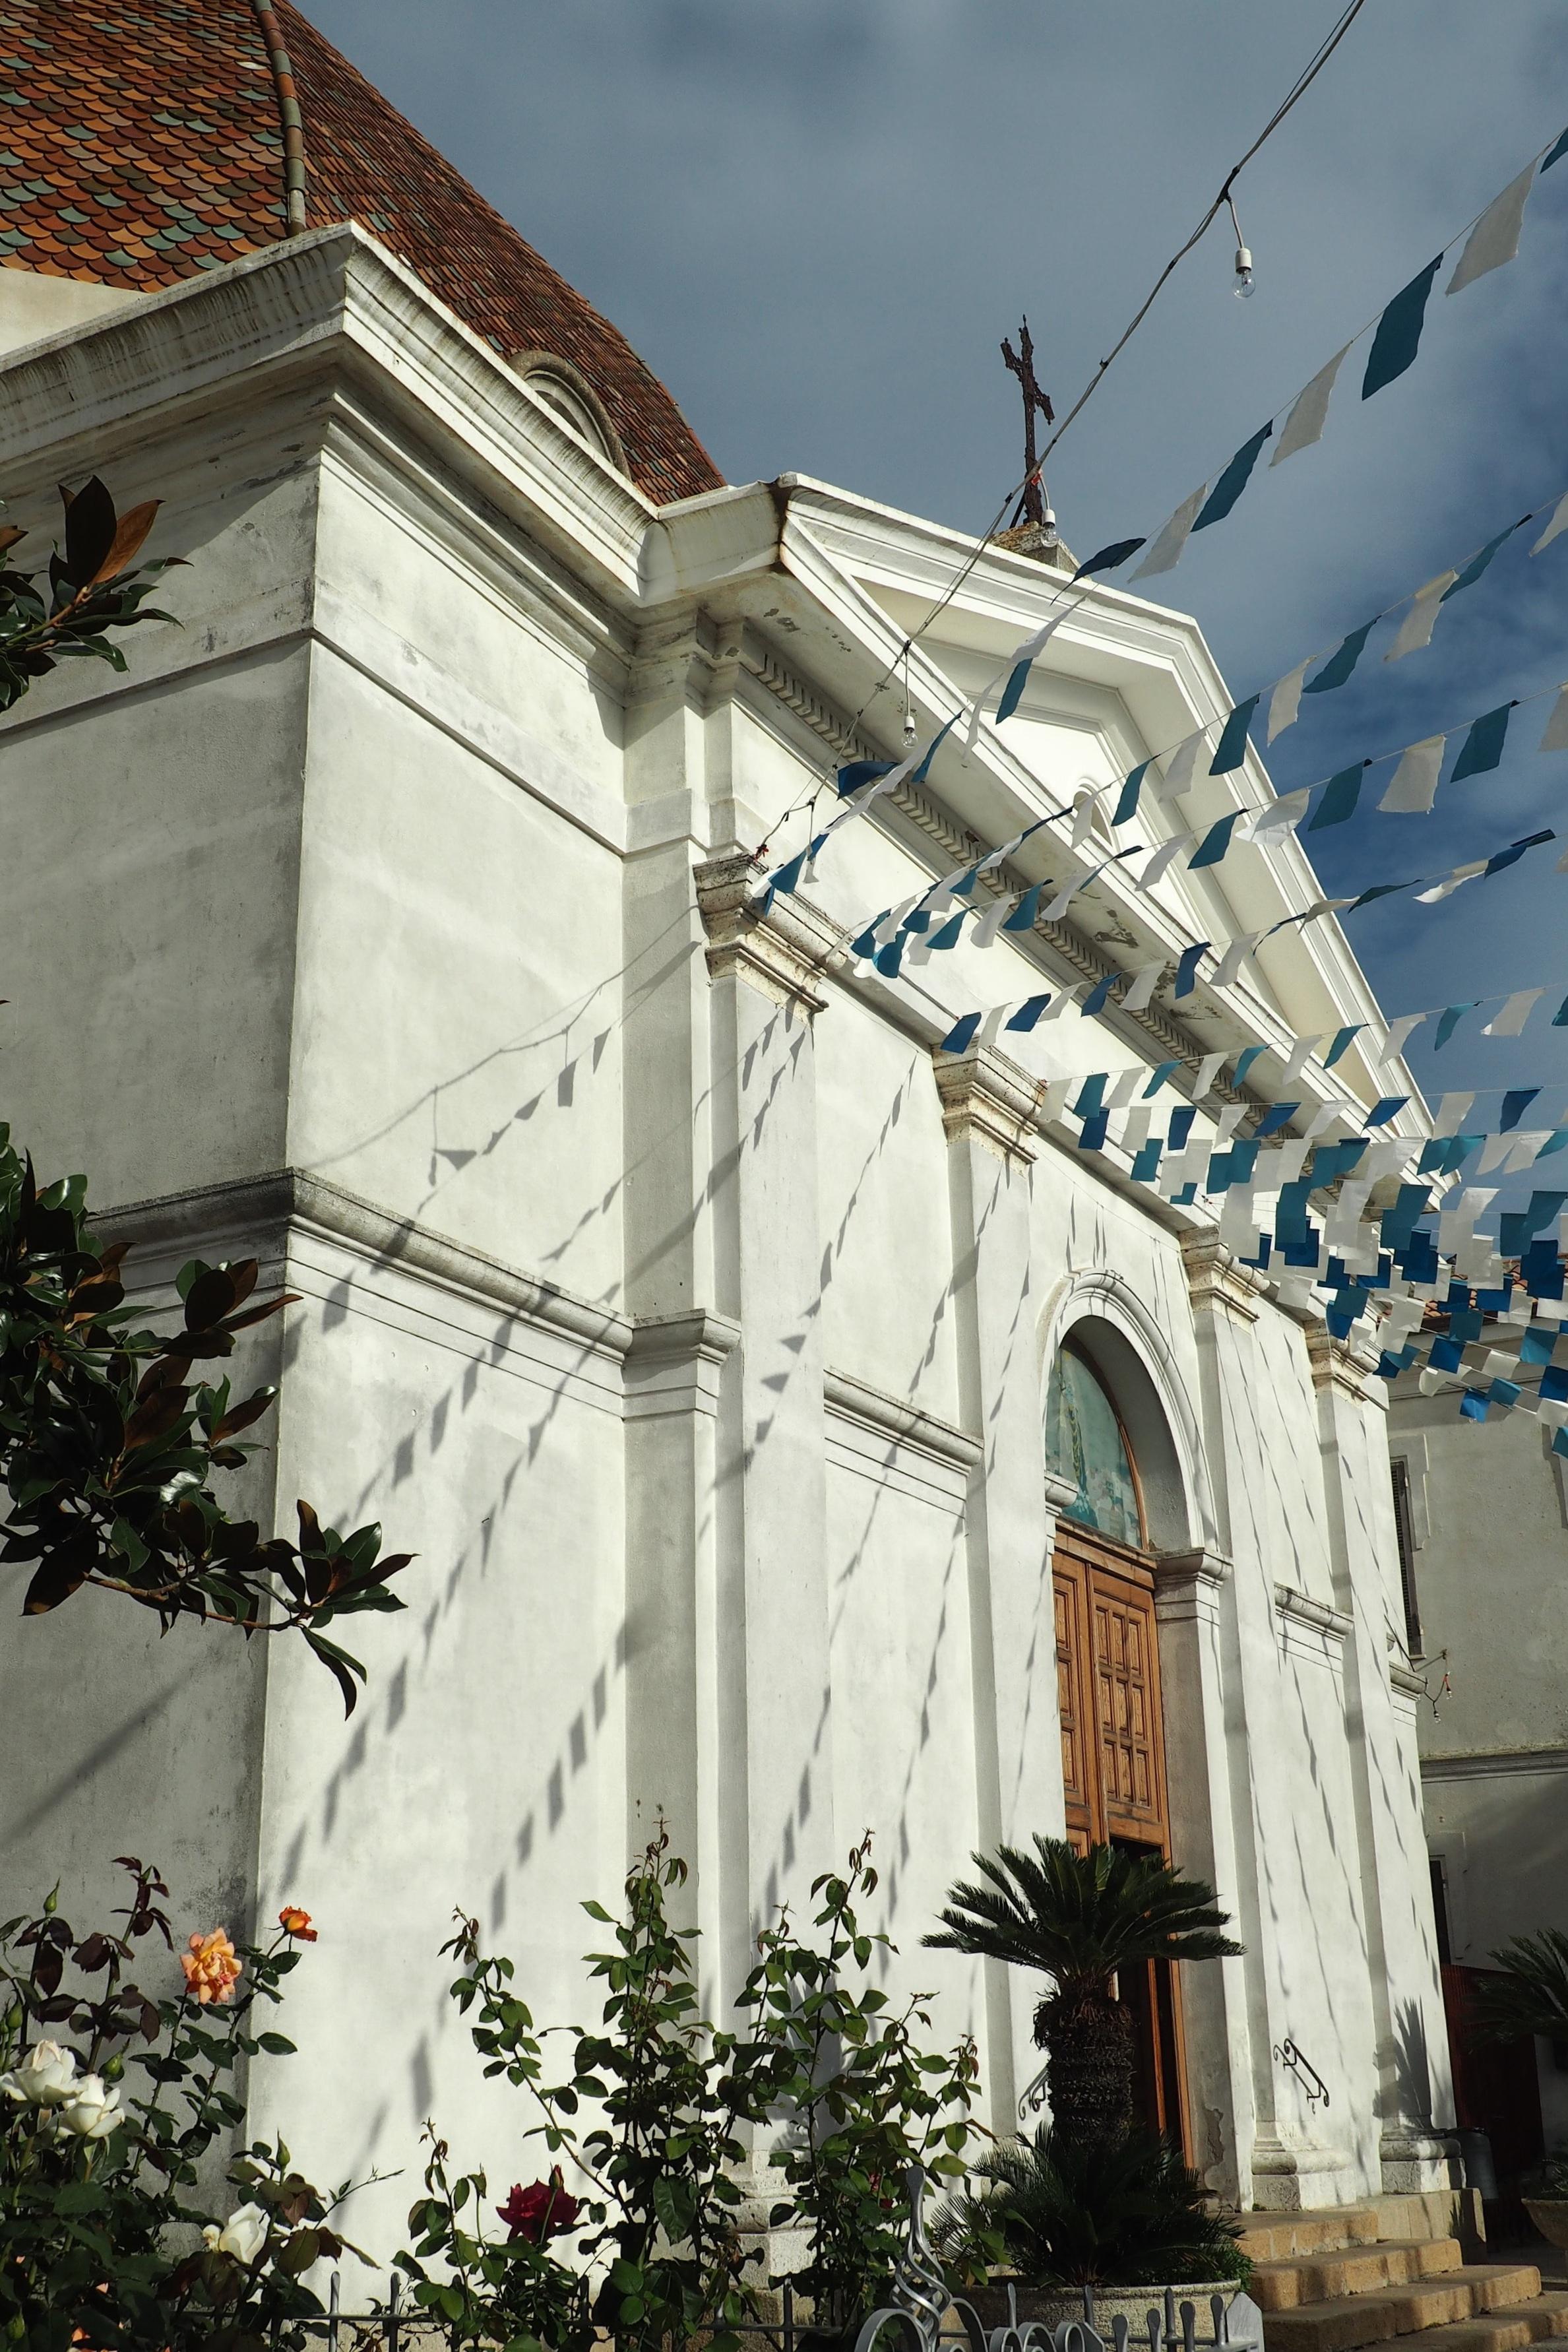 A catholic church in Burcei